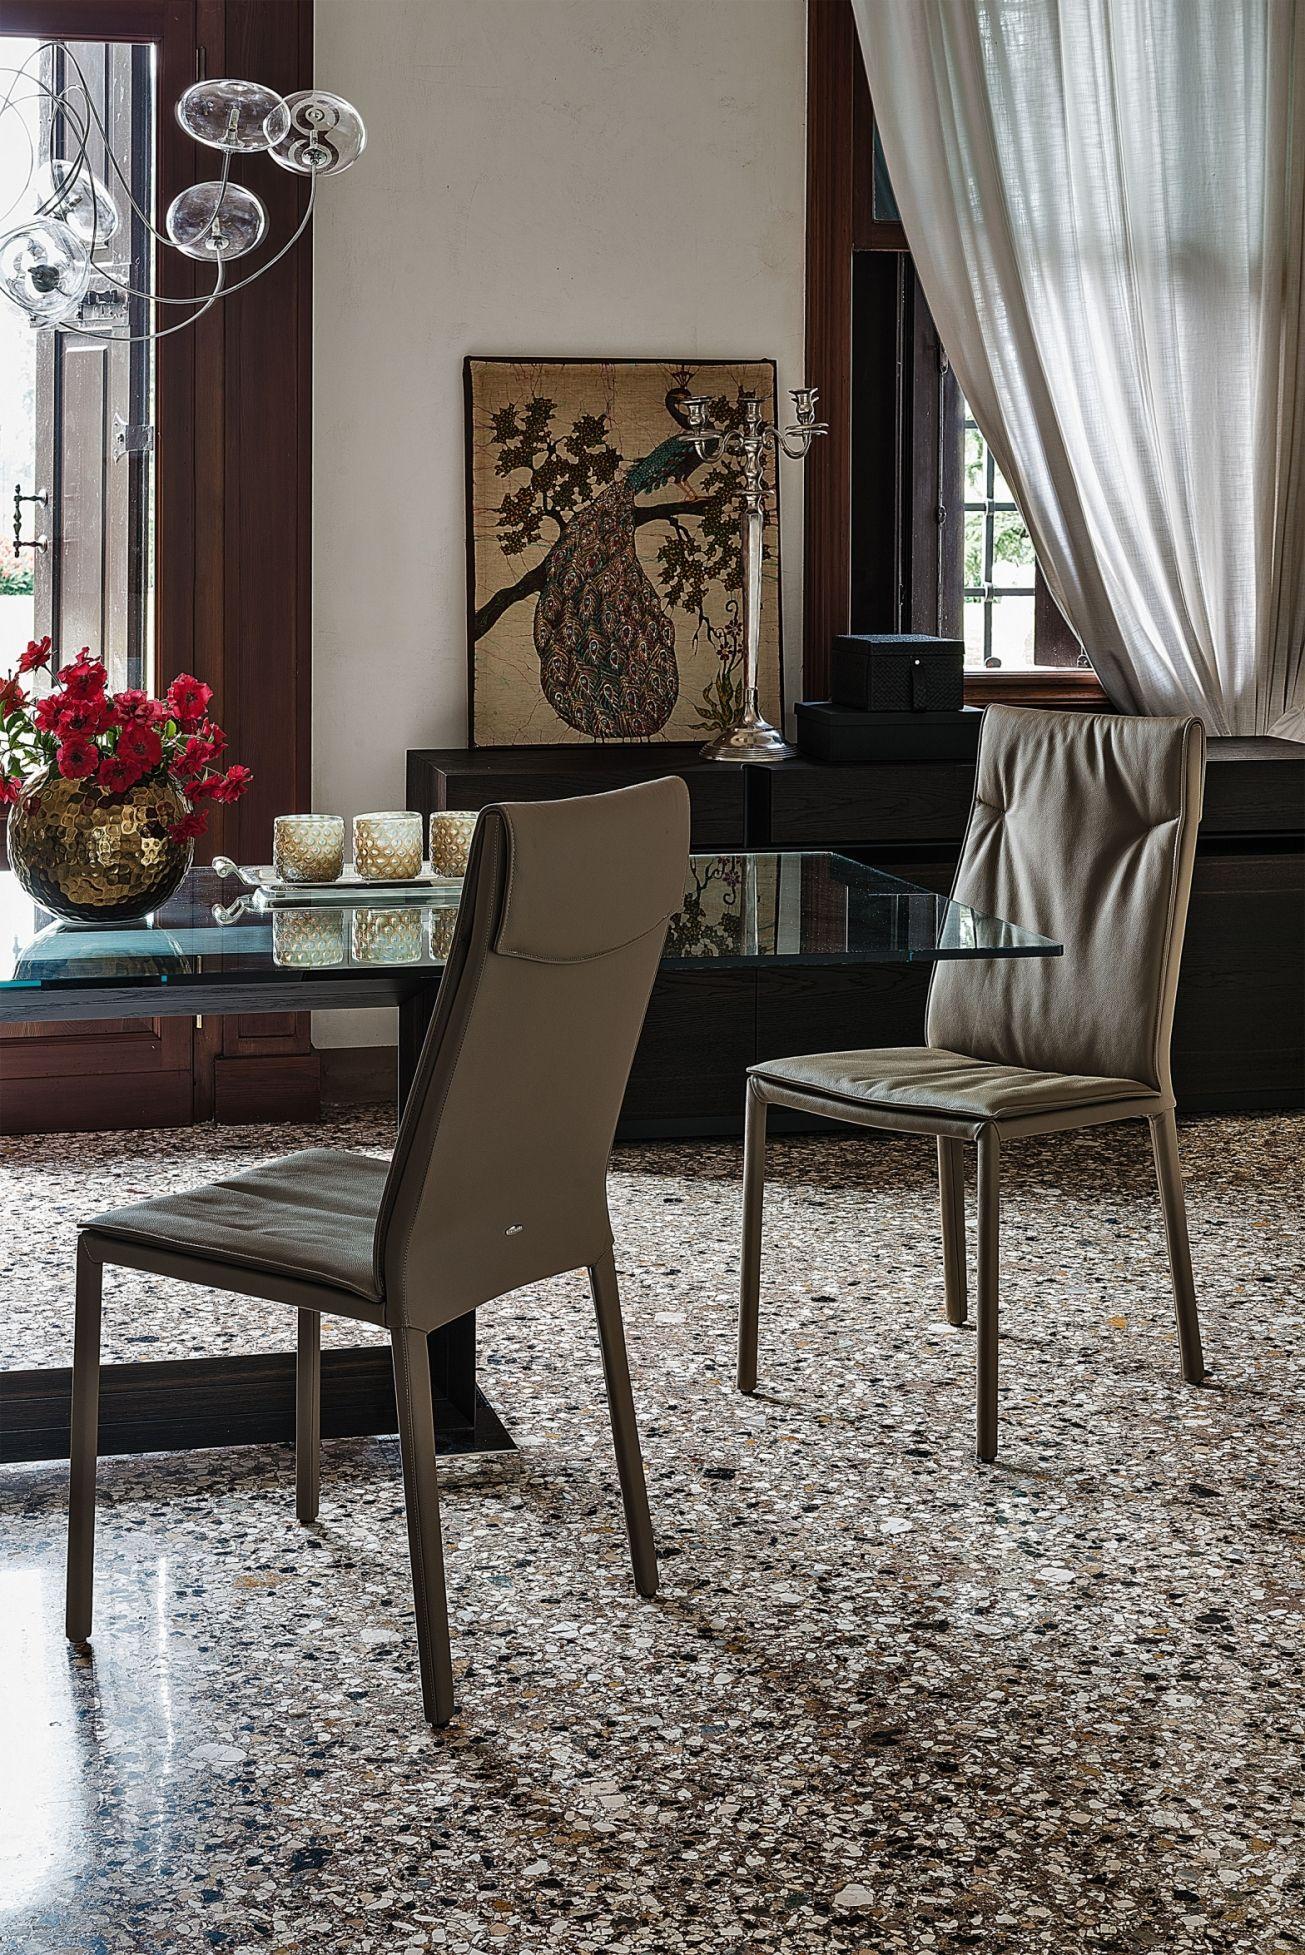 The Agatha Flex dining chair from IQ